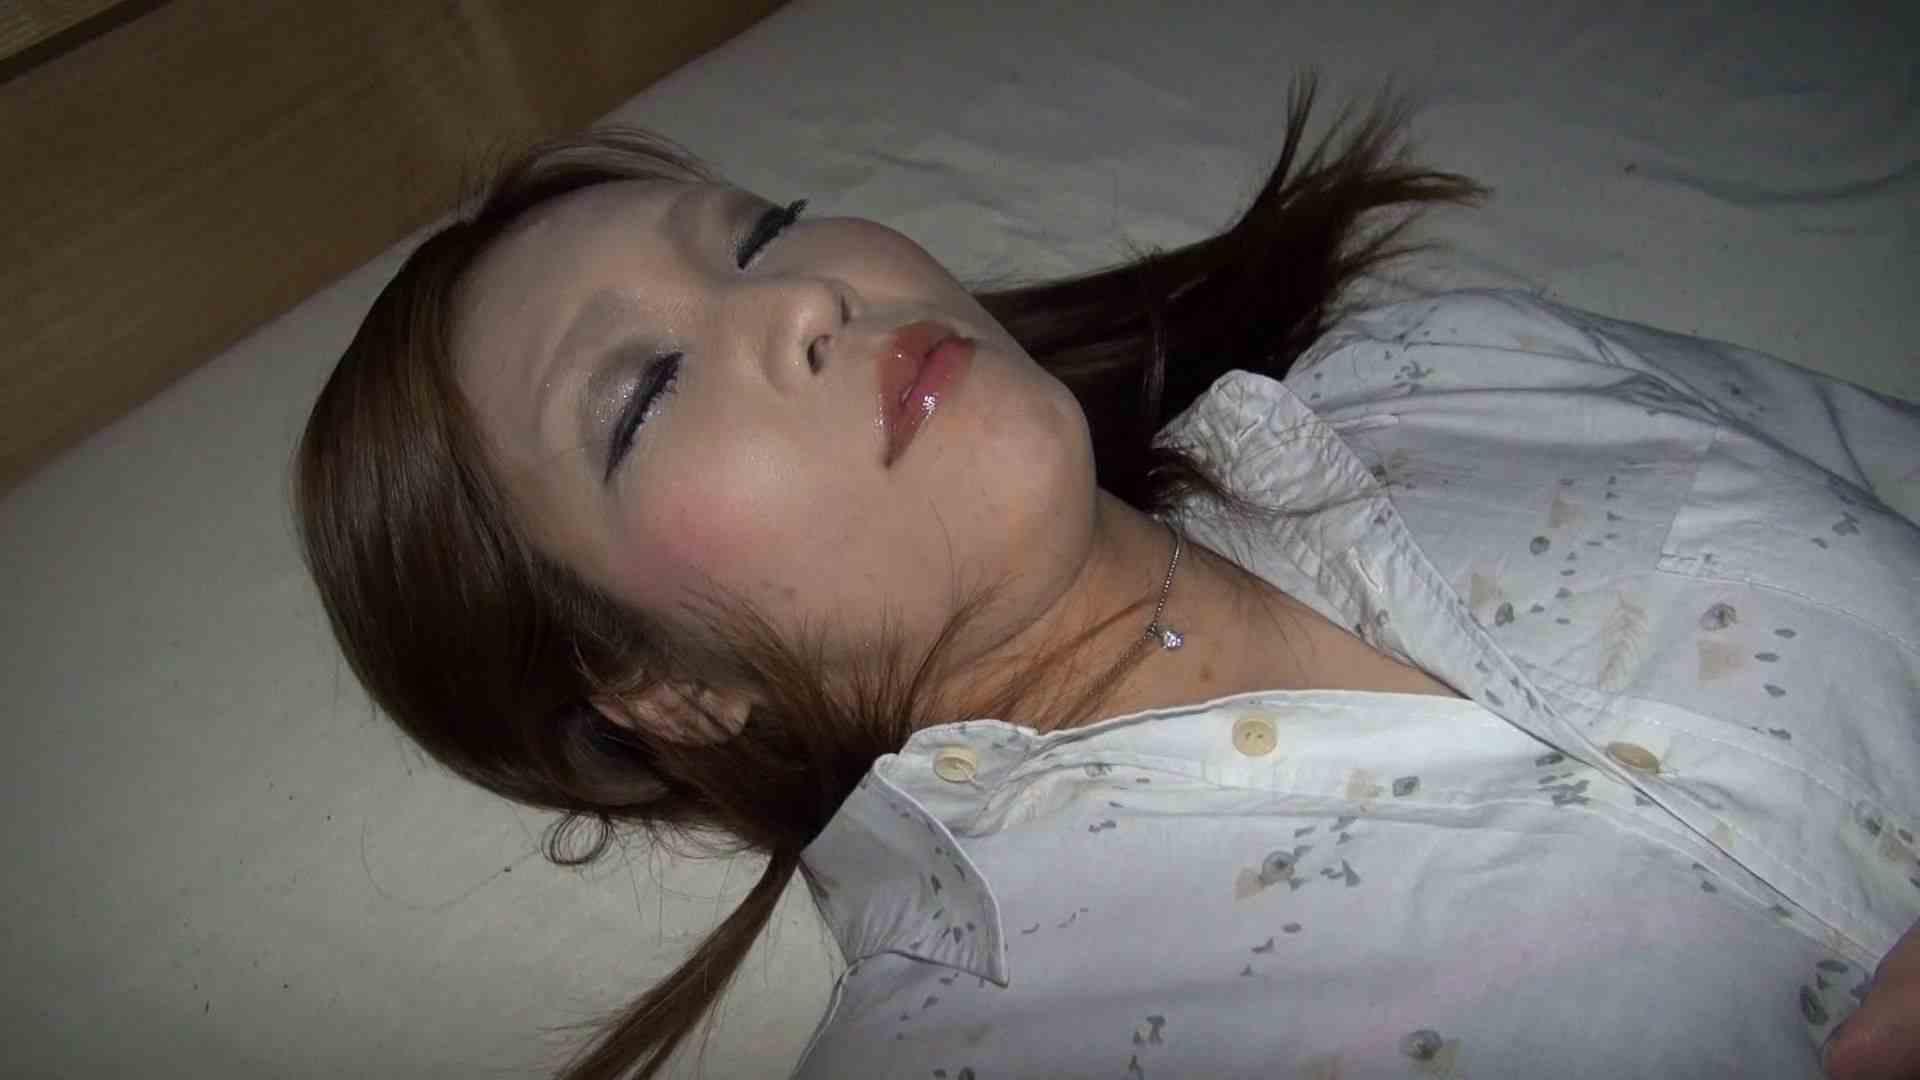 変態ギャル姫のH Vol.08 前編 OLエロ画像 隠し撮りすけべAV動画紹介 34PICs 2